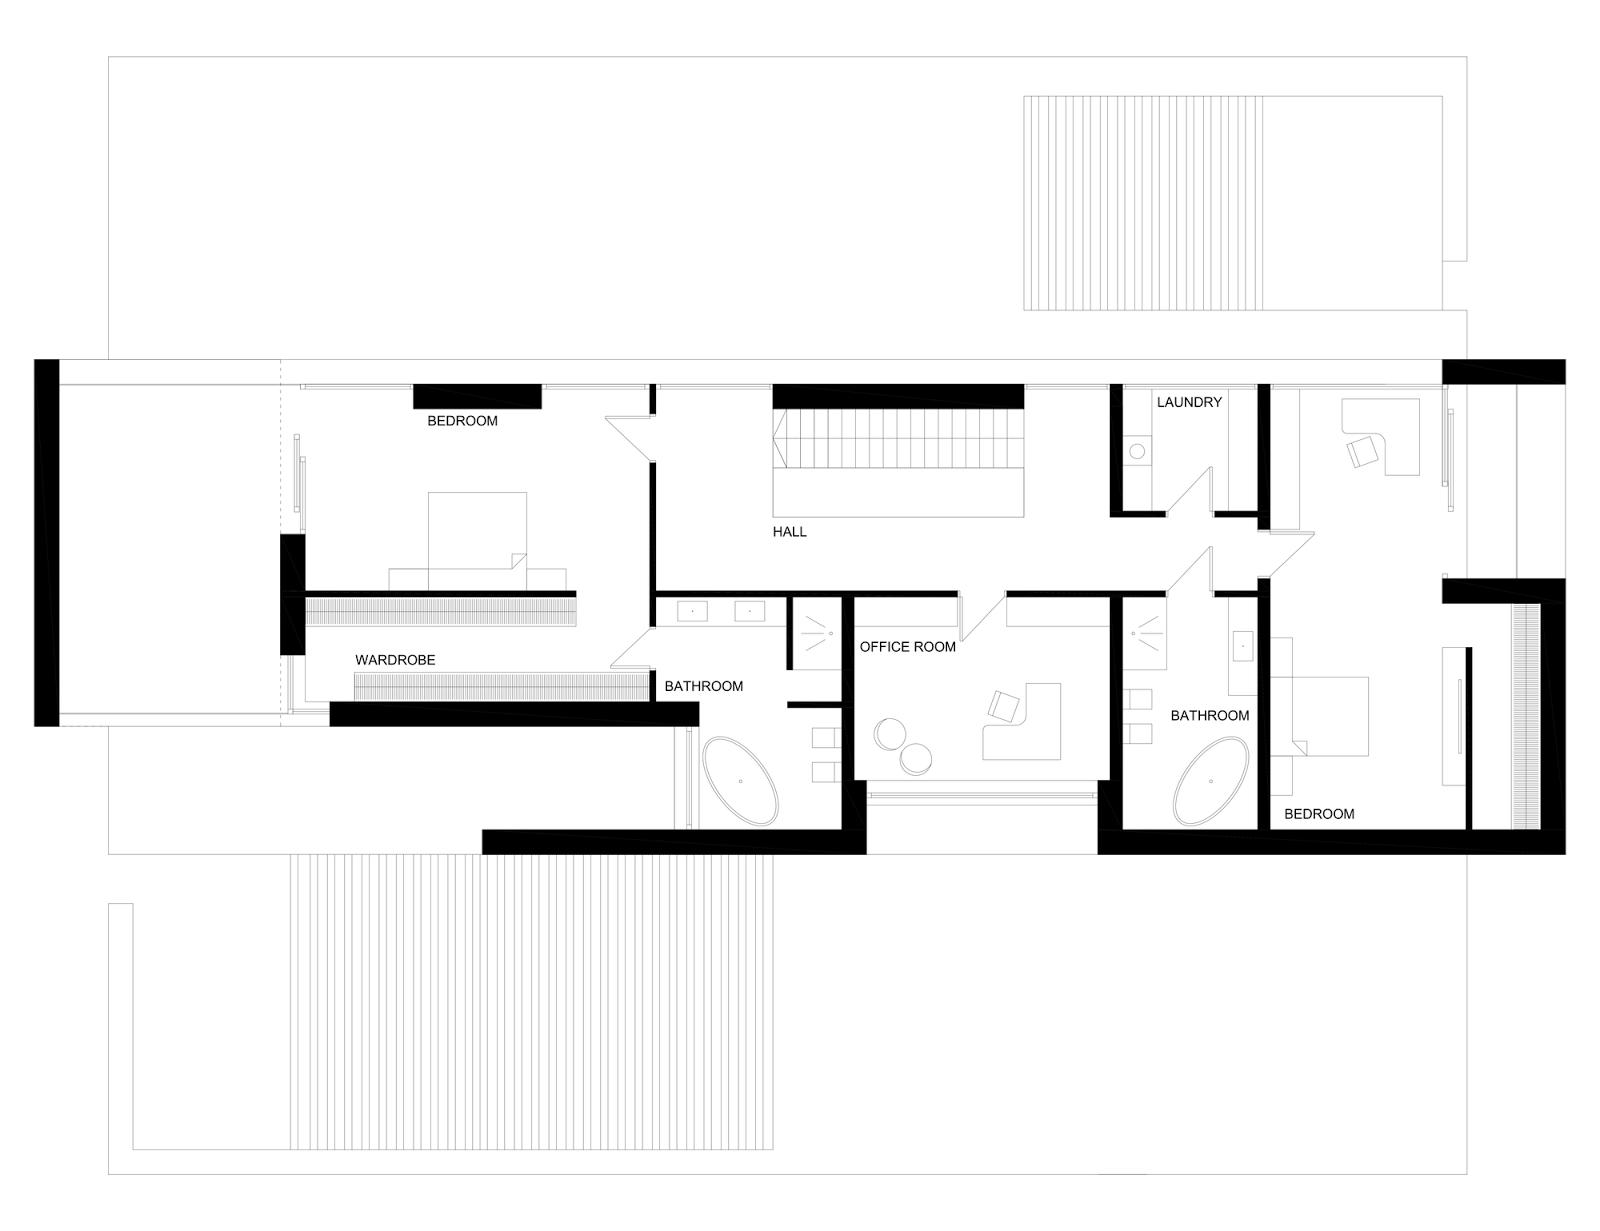 konsep-desain-modern-rumah-cermin-izabelin-house-melayang-di-tengah-hutan-009